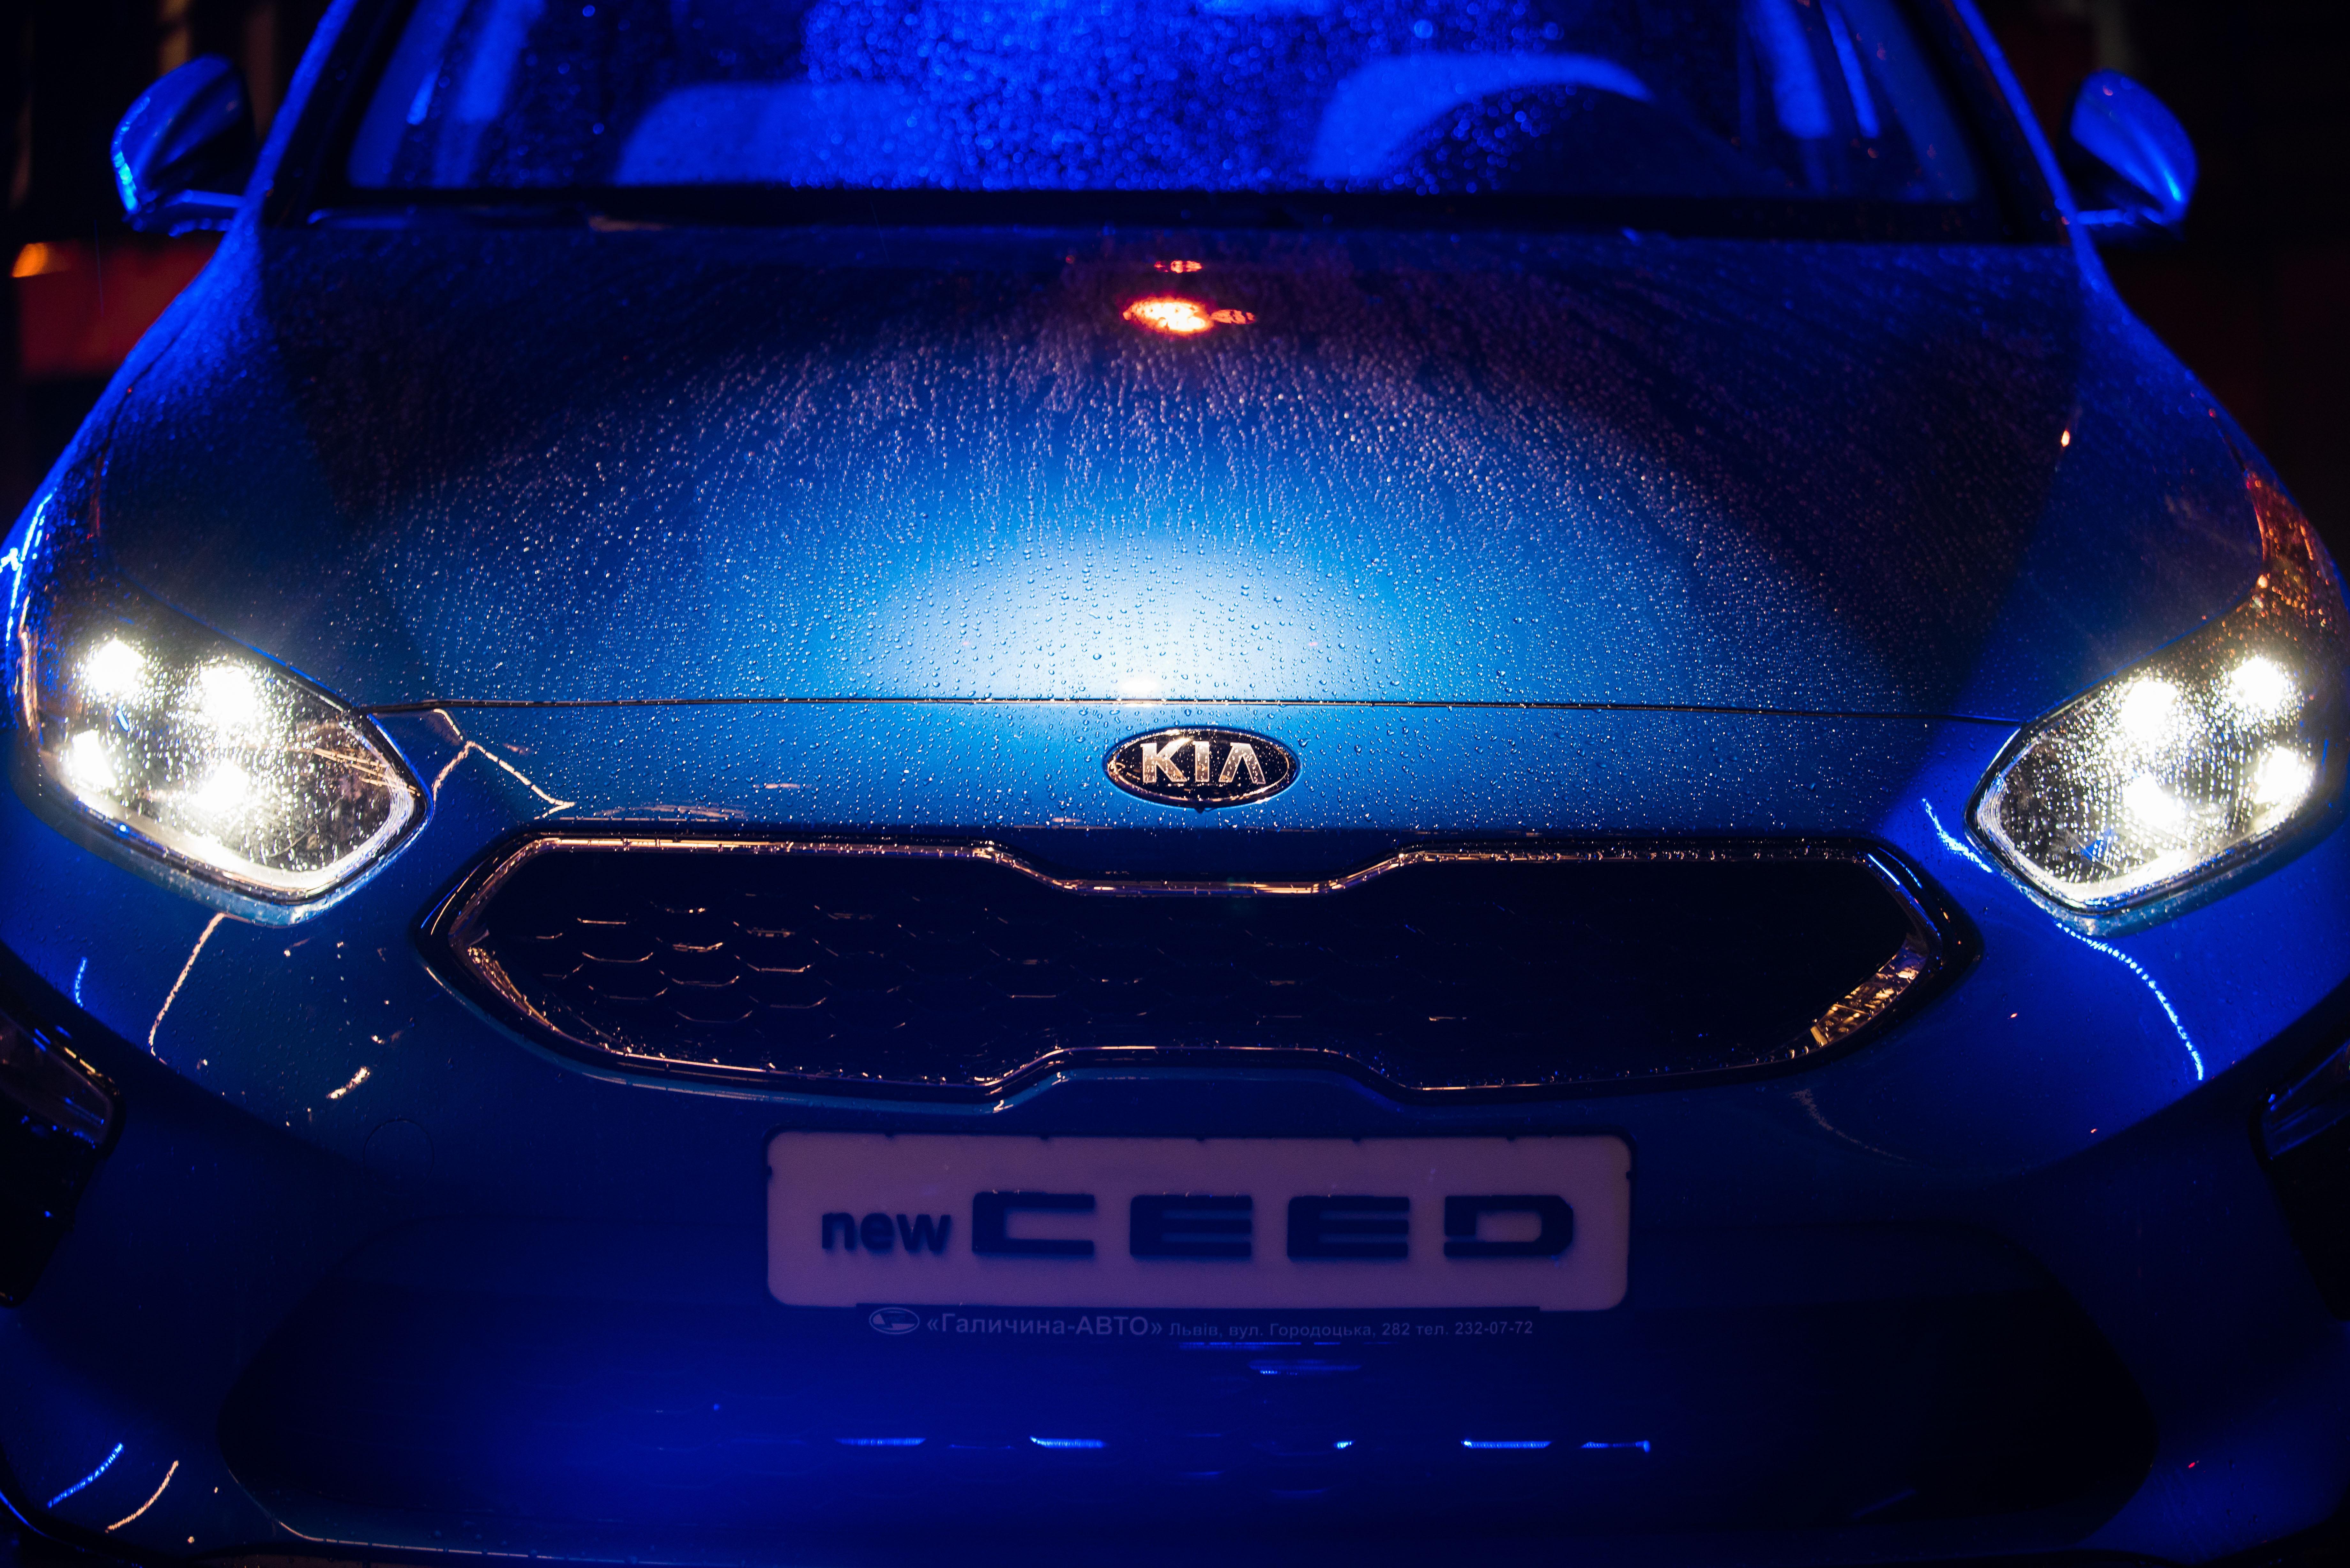 Нове покоління хетчбека Kia CEED дебютує в Україні за ціною від 14 000 Євро